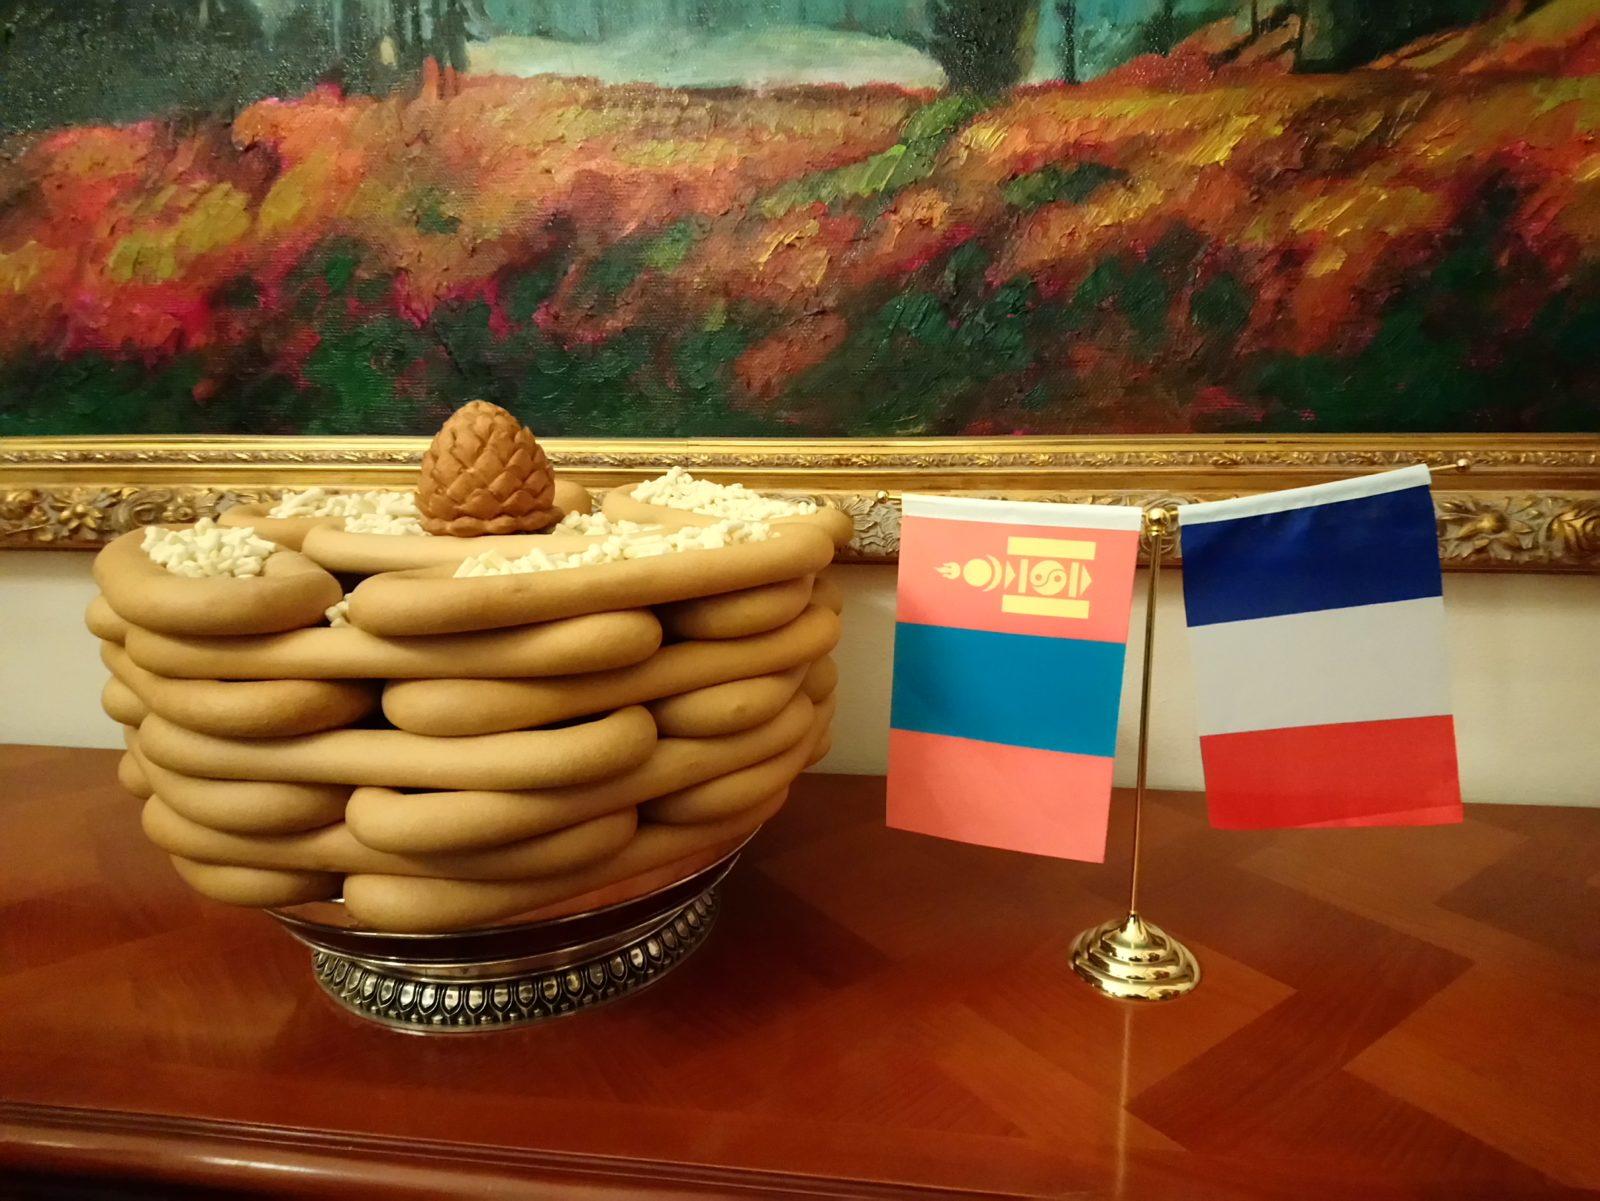 Kheviin boov, Ambassade de Mongolie, 1er février 2019